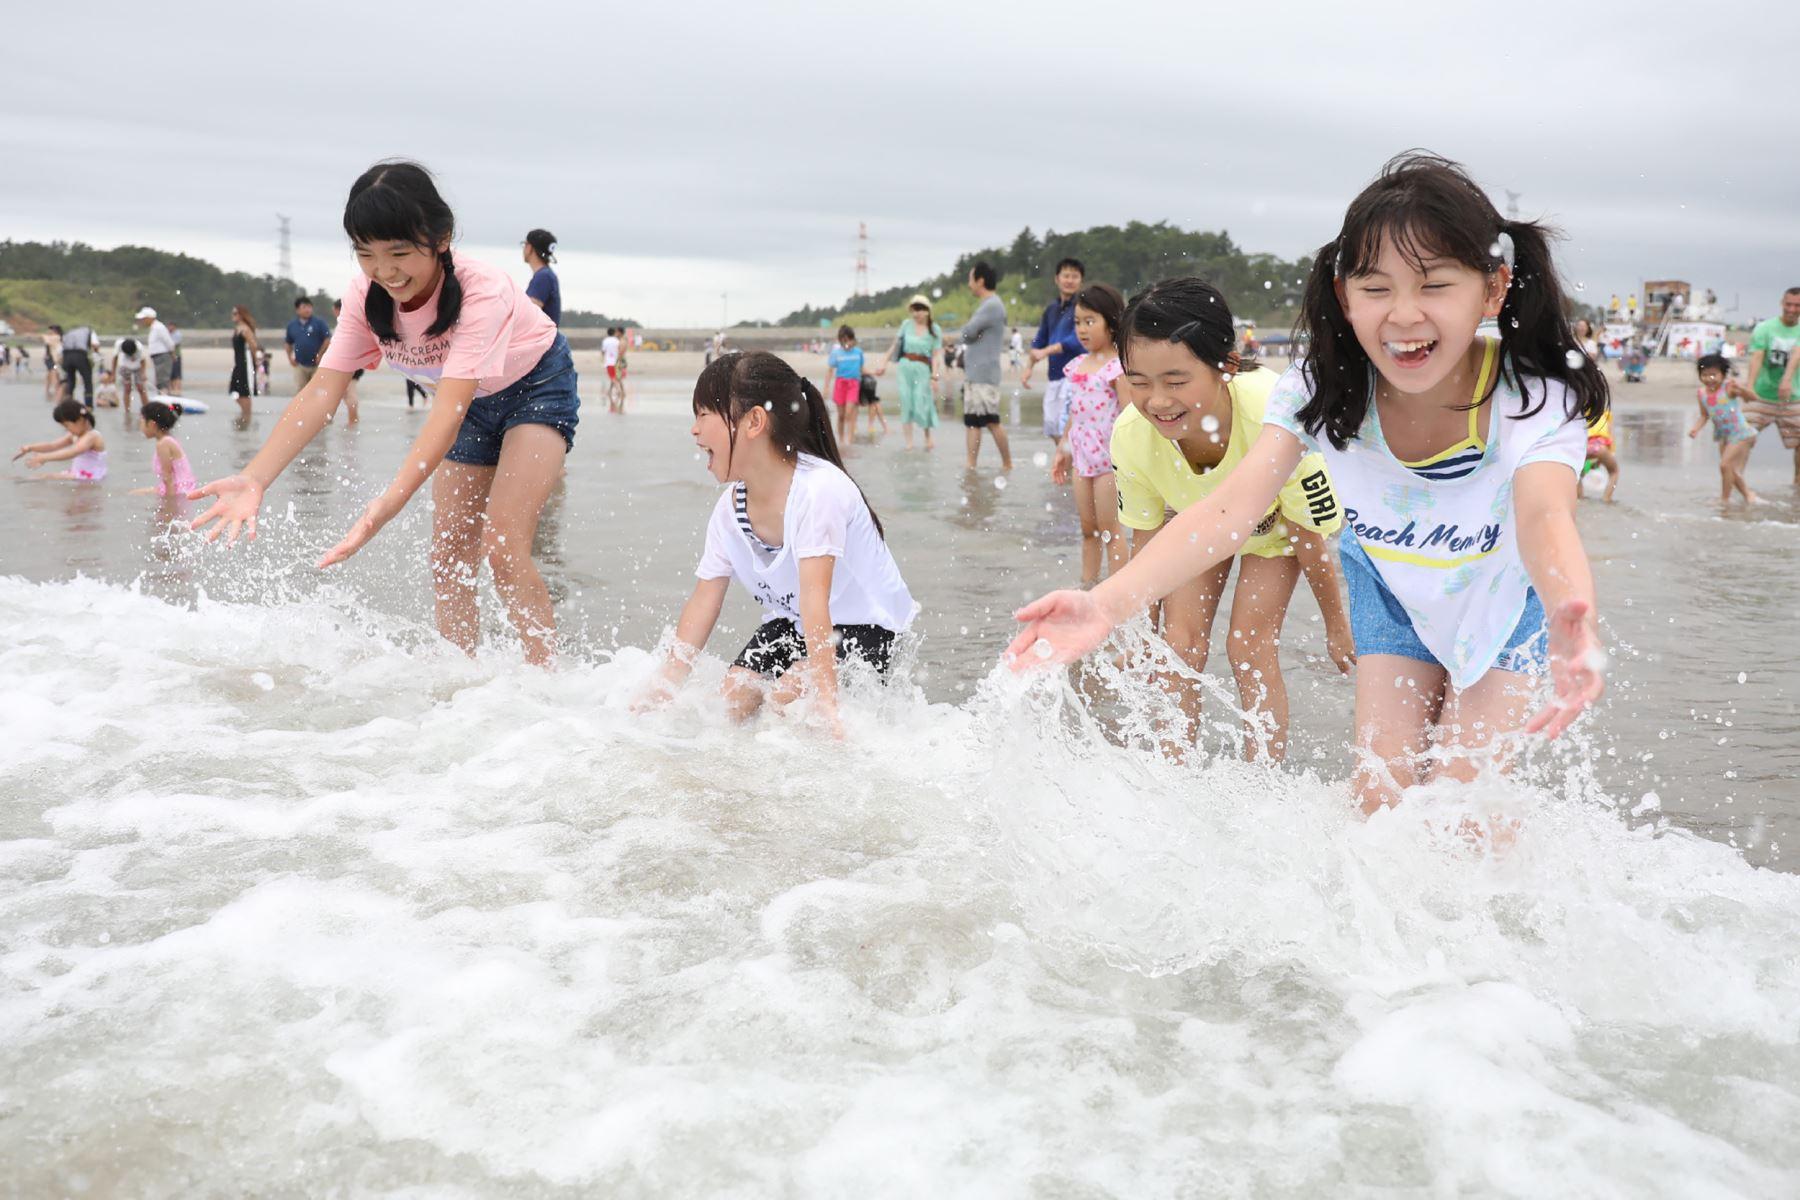 Los niños juegan con las olas durante la apertura de la playa al público en Kita Izumi en la ciudad de Minami Soma, prefectura de Fukushima, La playa estuvo cerrada por más de ocho años después del accidente de la central nuclear de Fukushima Daiichi. AFP